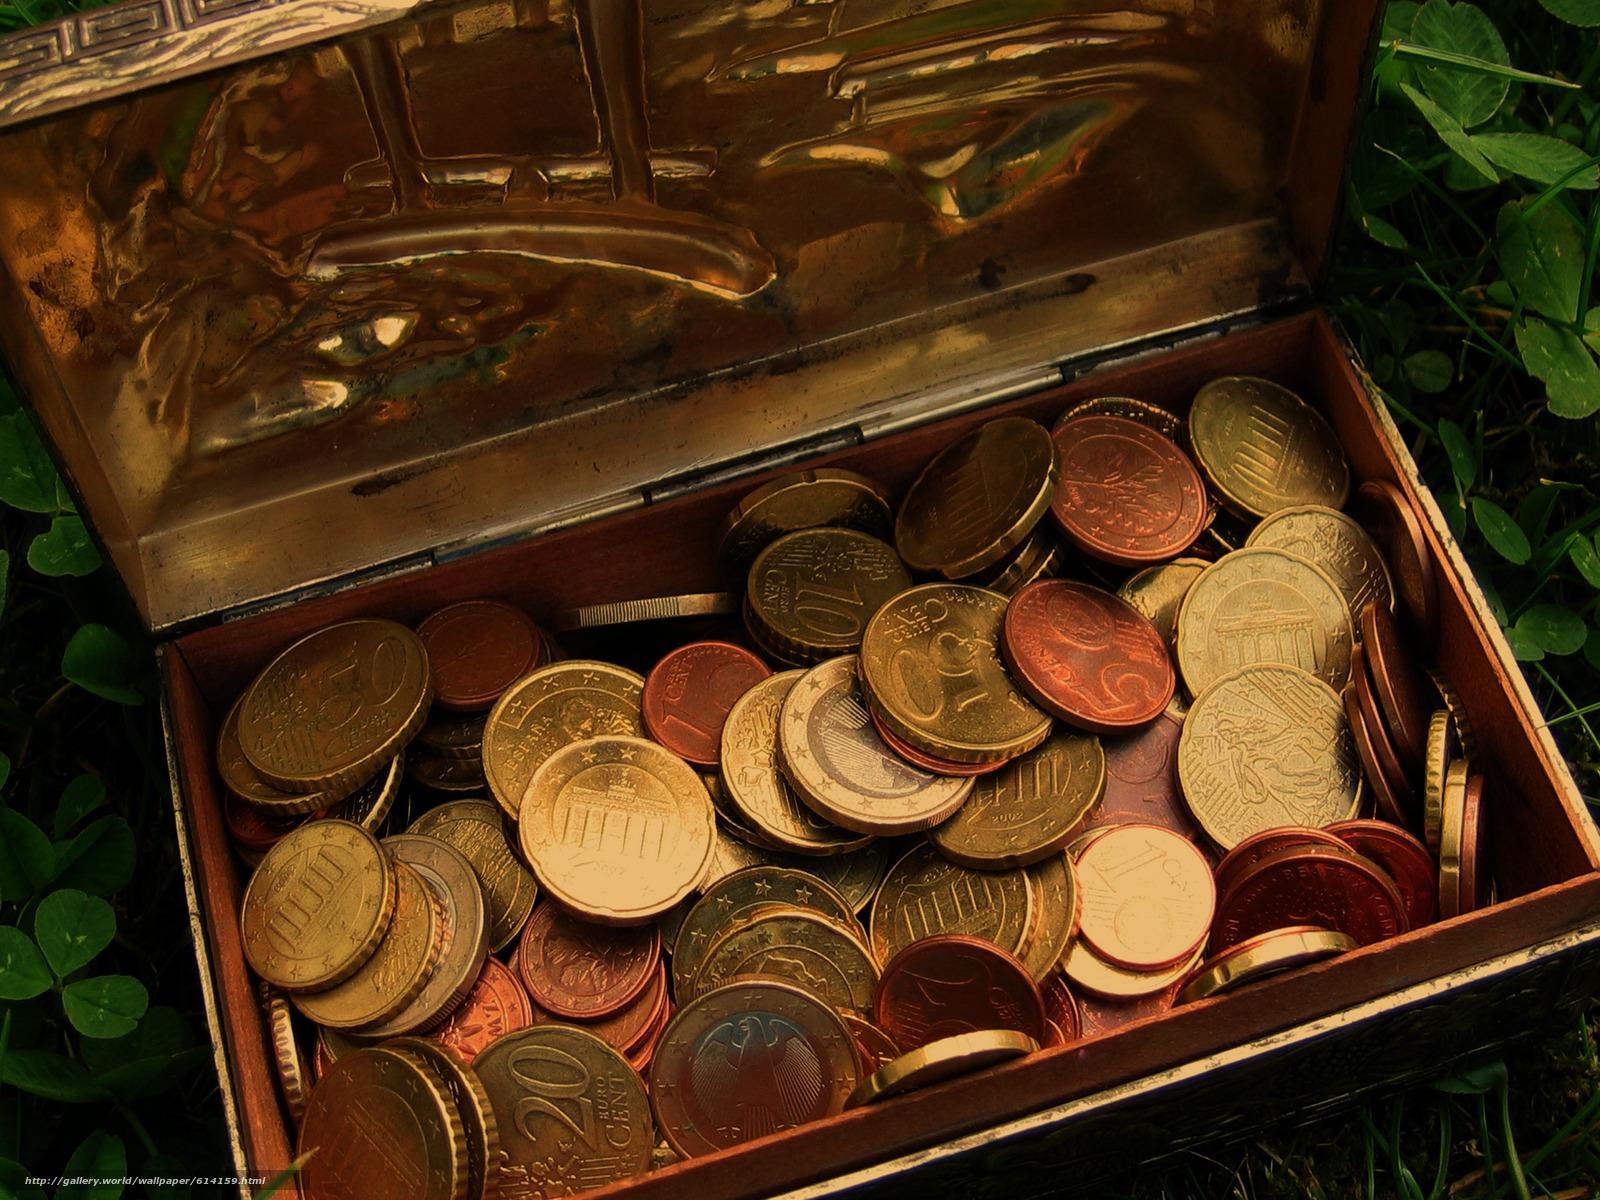 descarca imagini de fundal bani,  euro,  monedă,  monede Imagini de fundal gratuite pentru rezoluia desktop 2592x1944 — imagine №614159